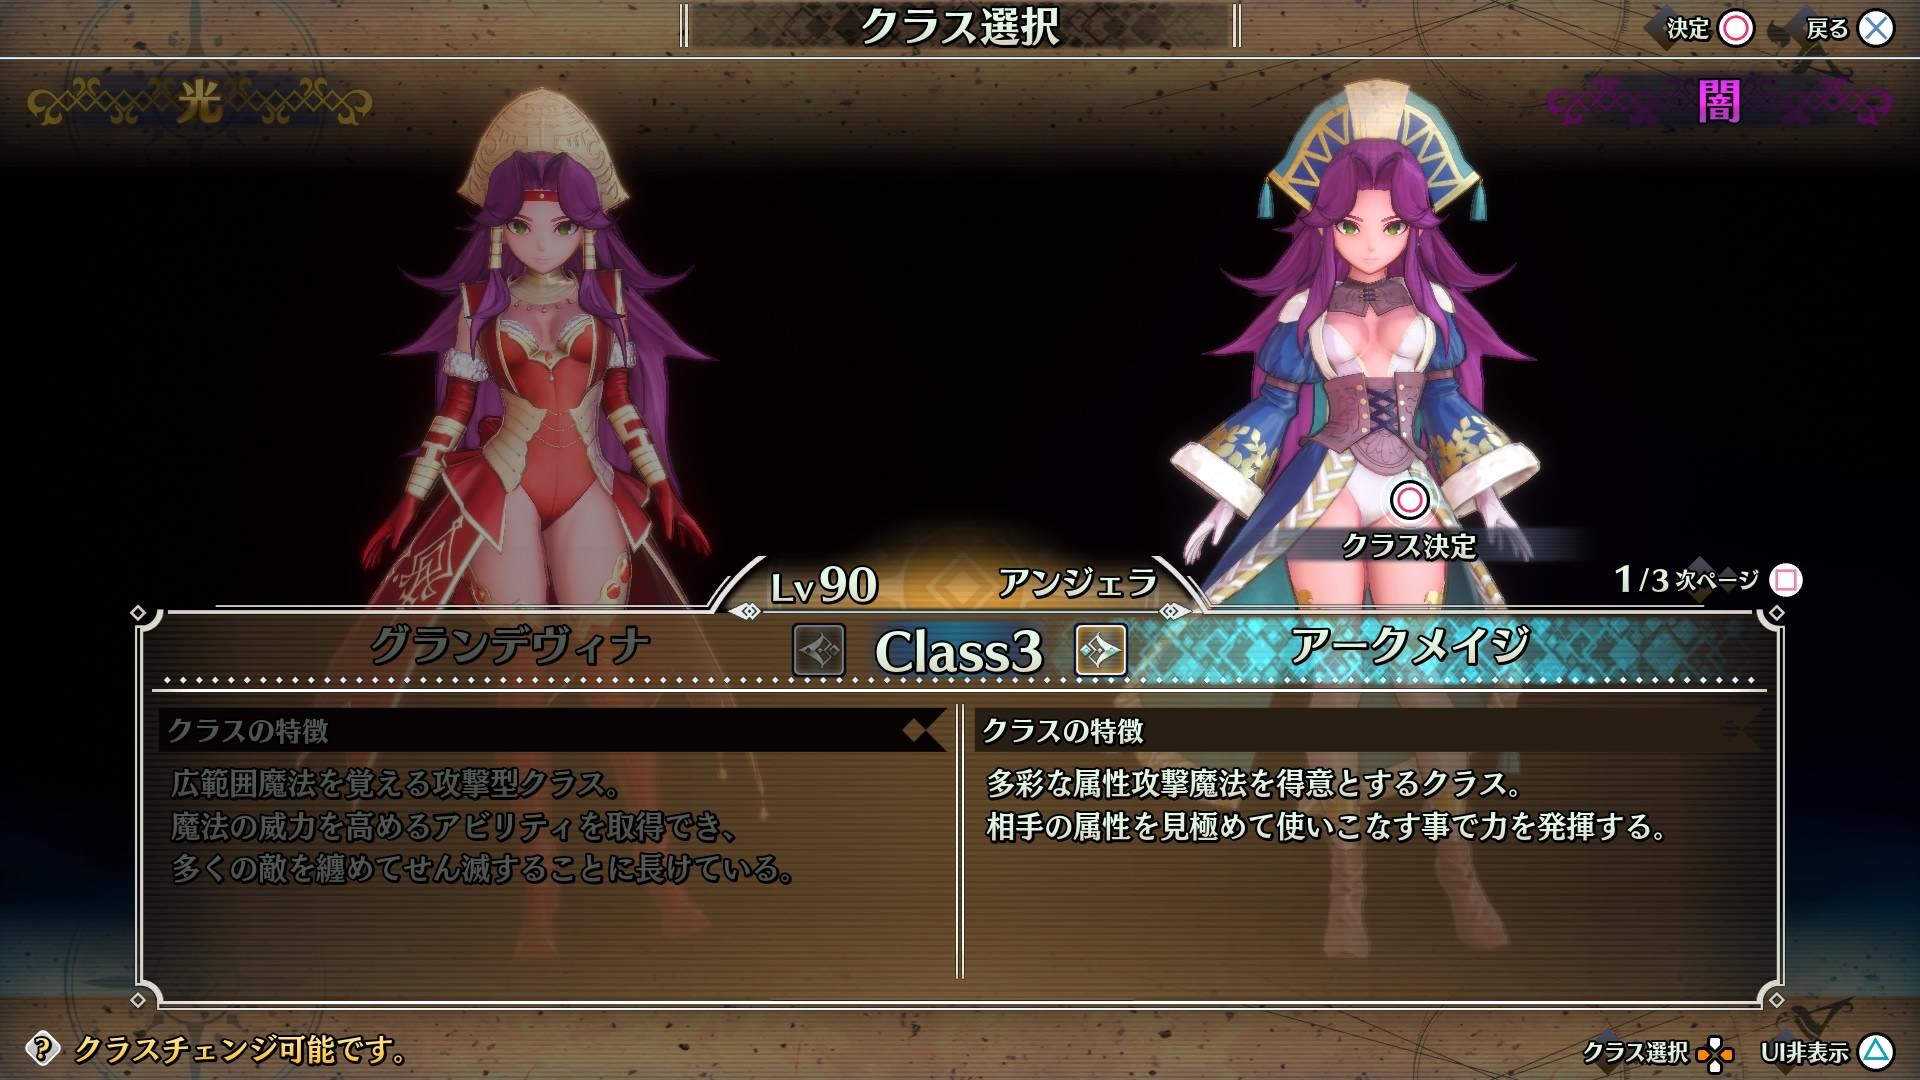 3 クラス アンジェラ 伝説 剣 聖